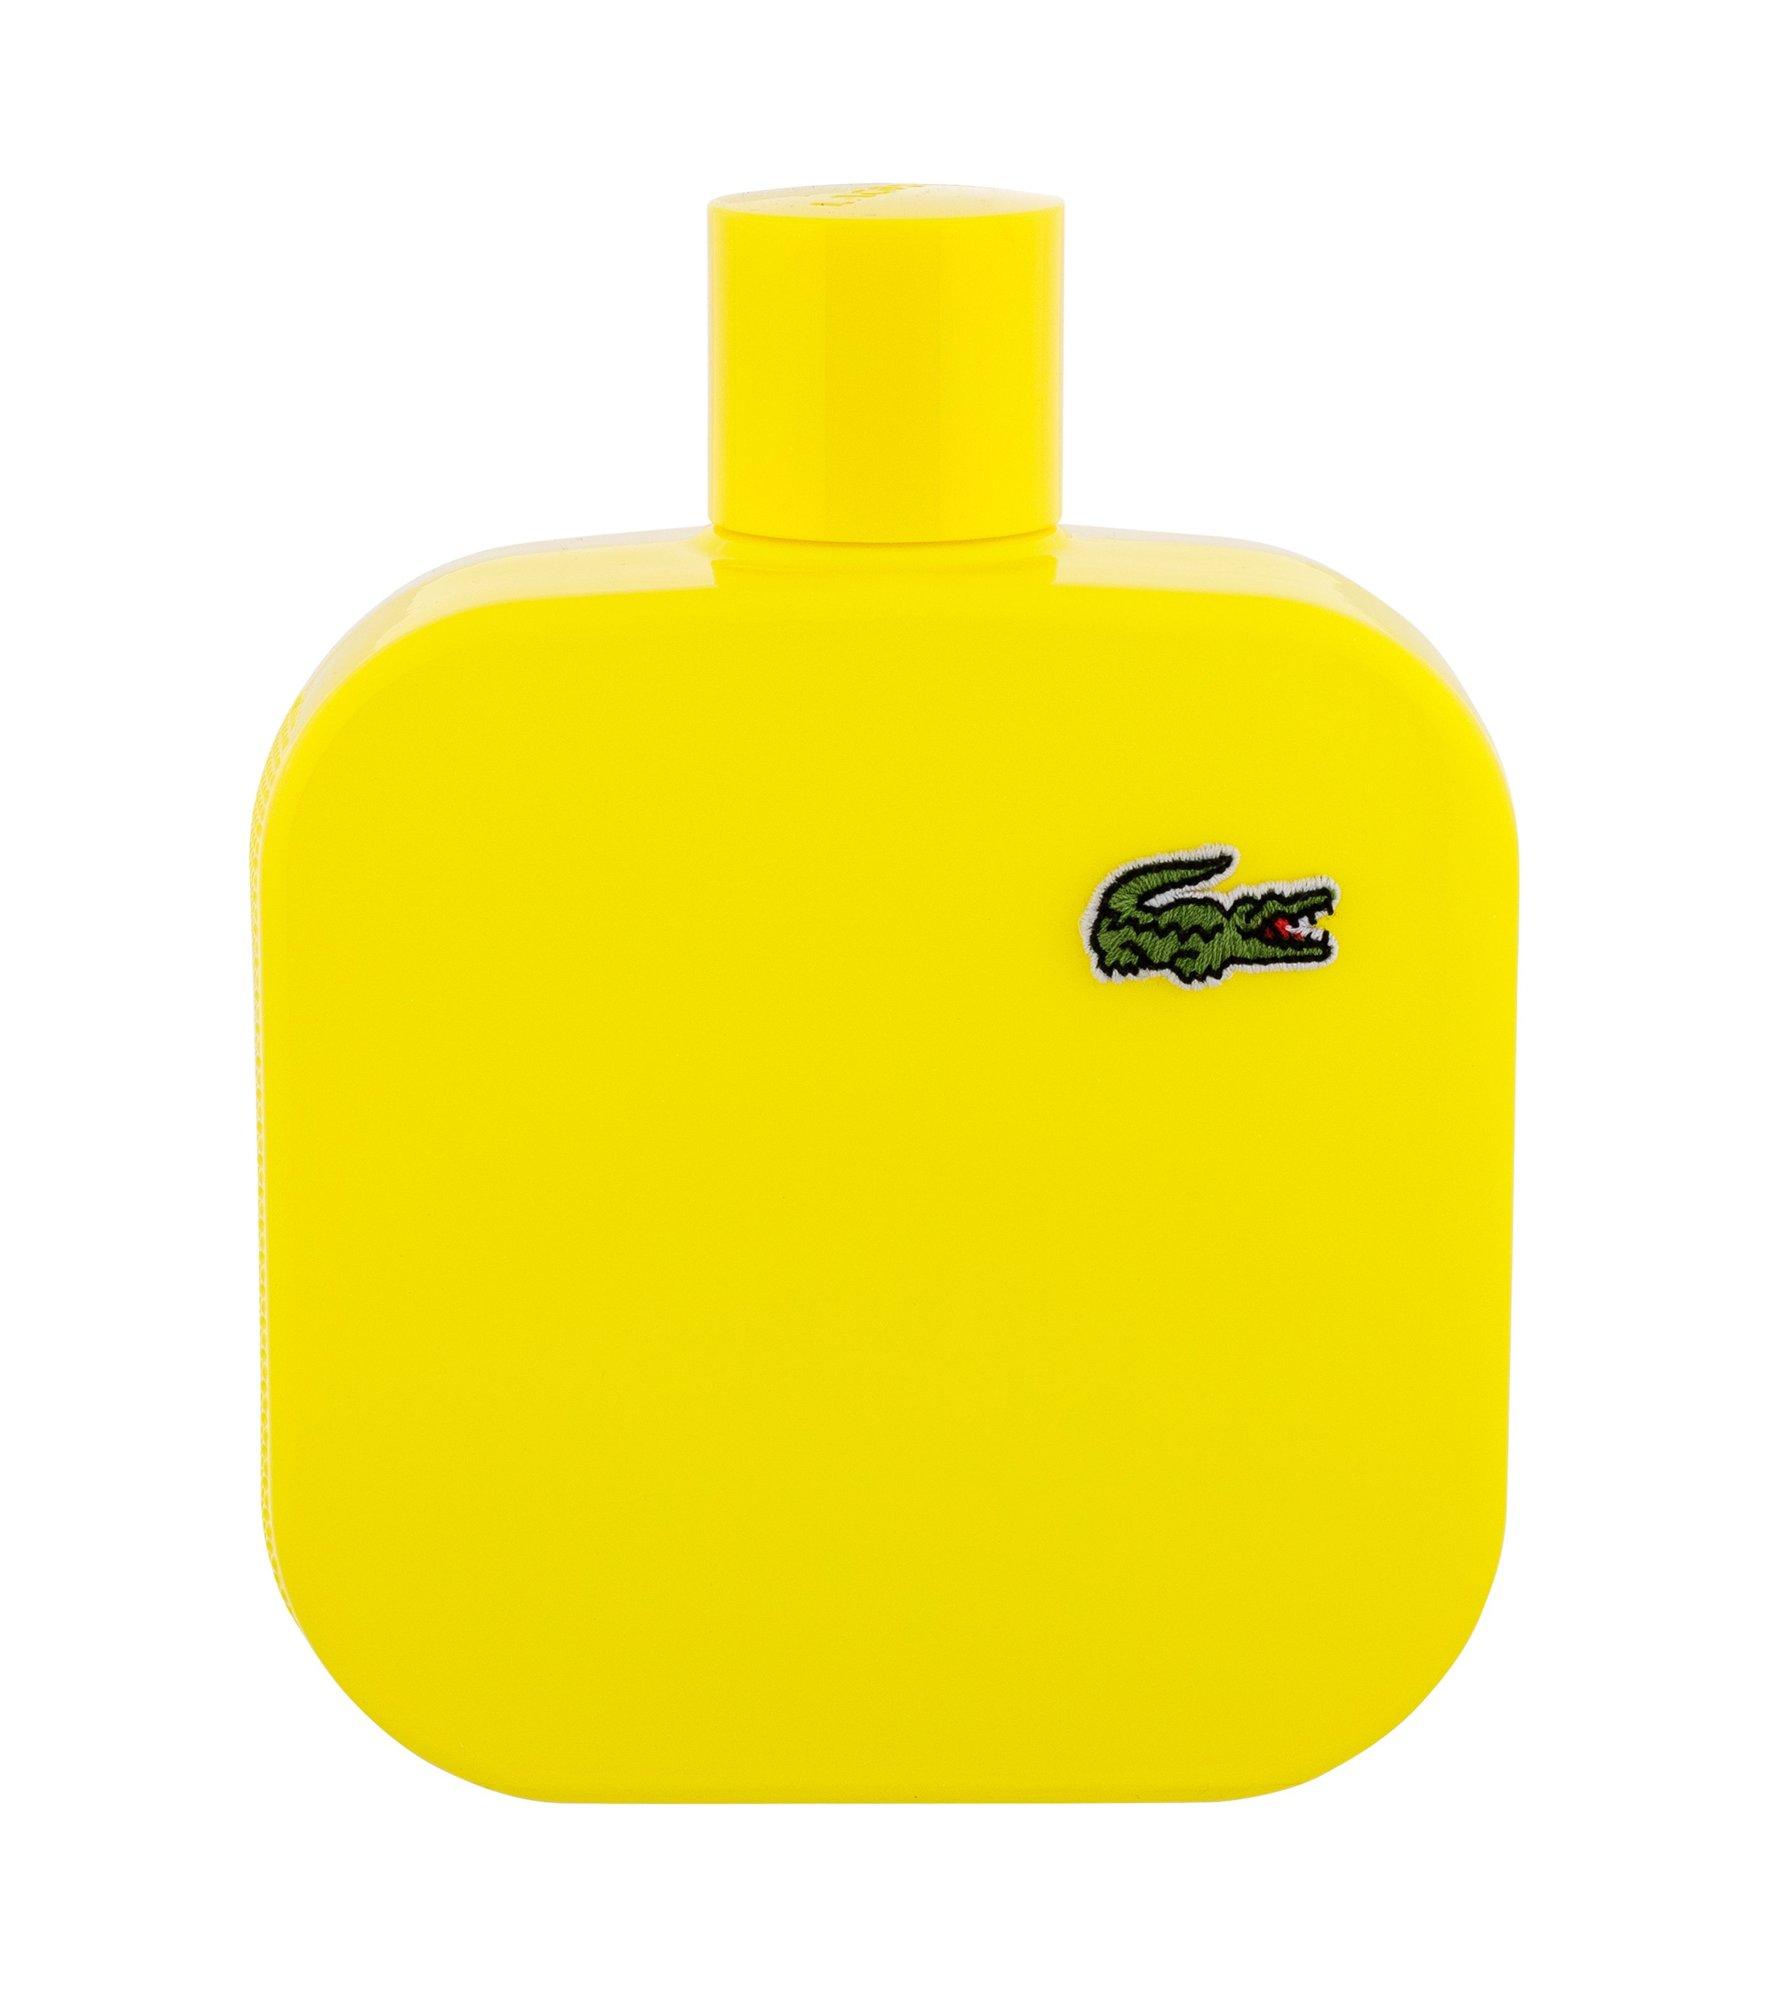 Lacoste Eau De Lacoste L.12.12 Yellow EDT 175ml